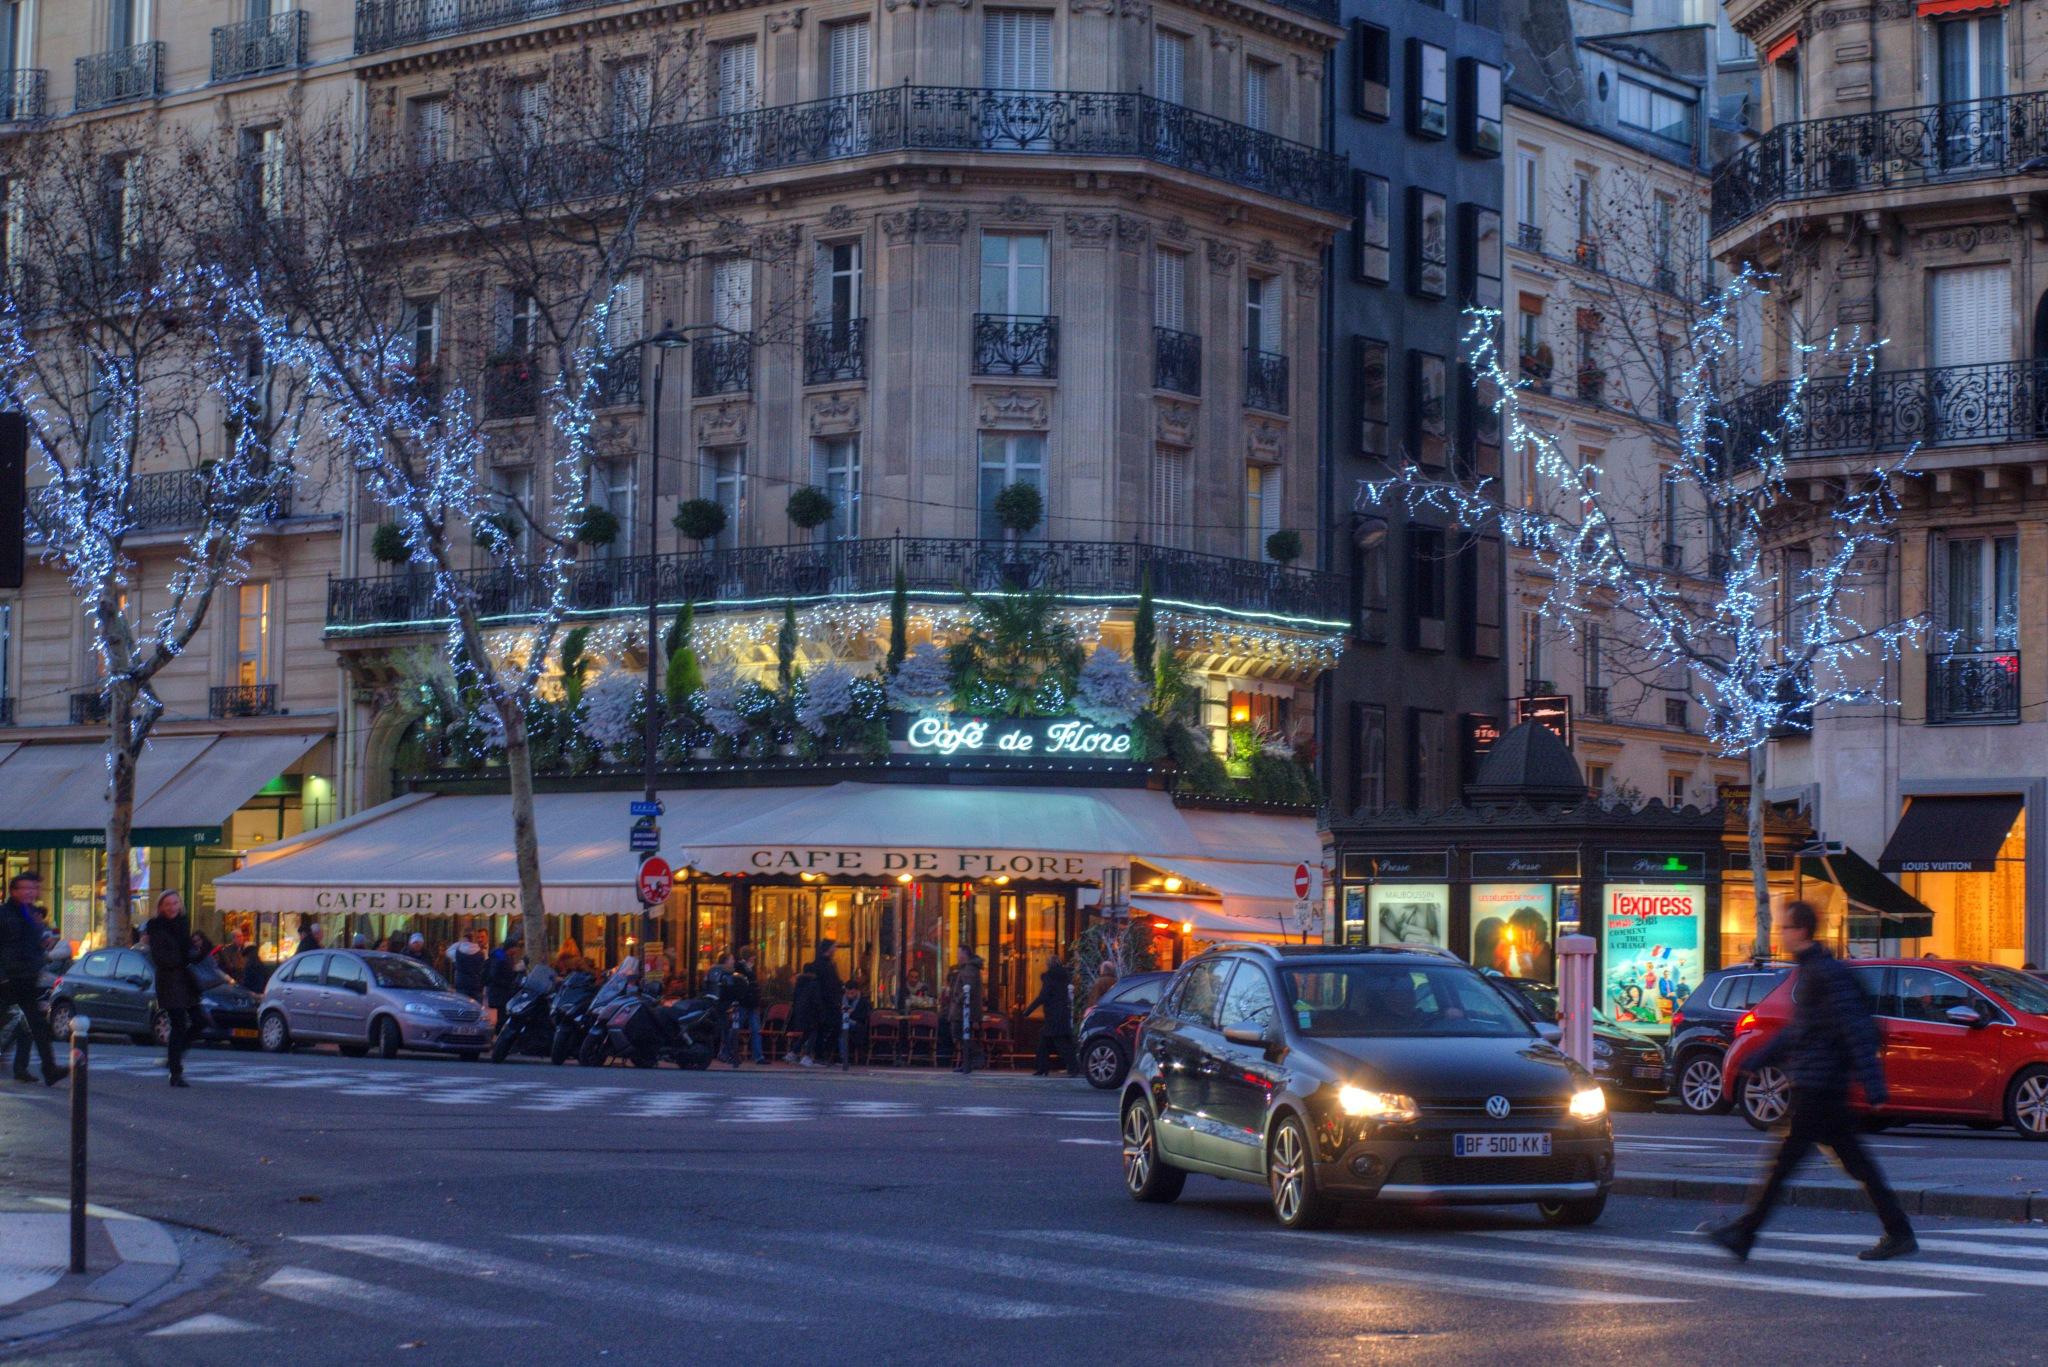 Haut lieu du surréalisme Français by bernardf142